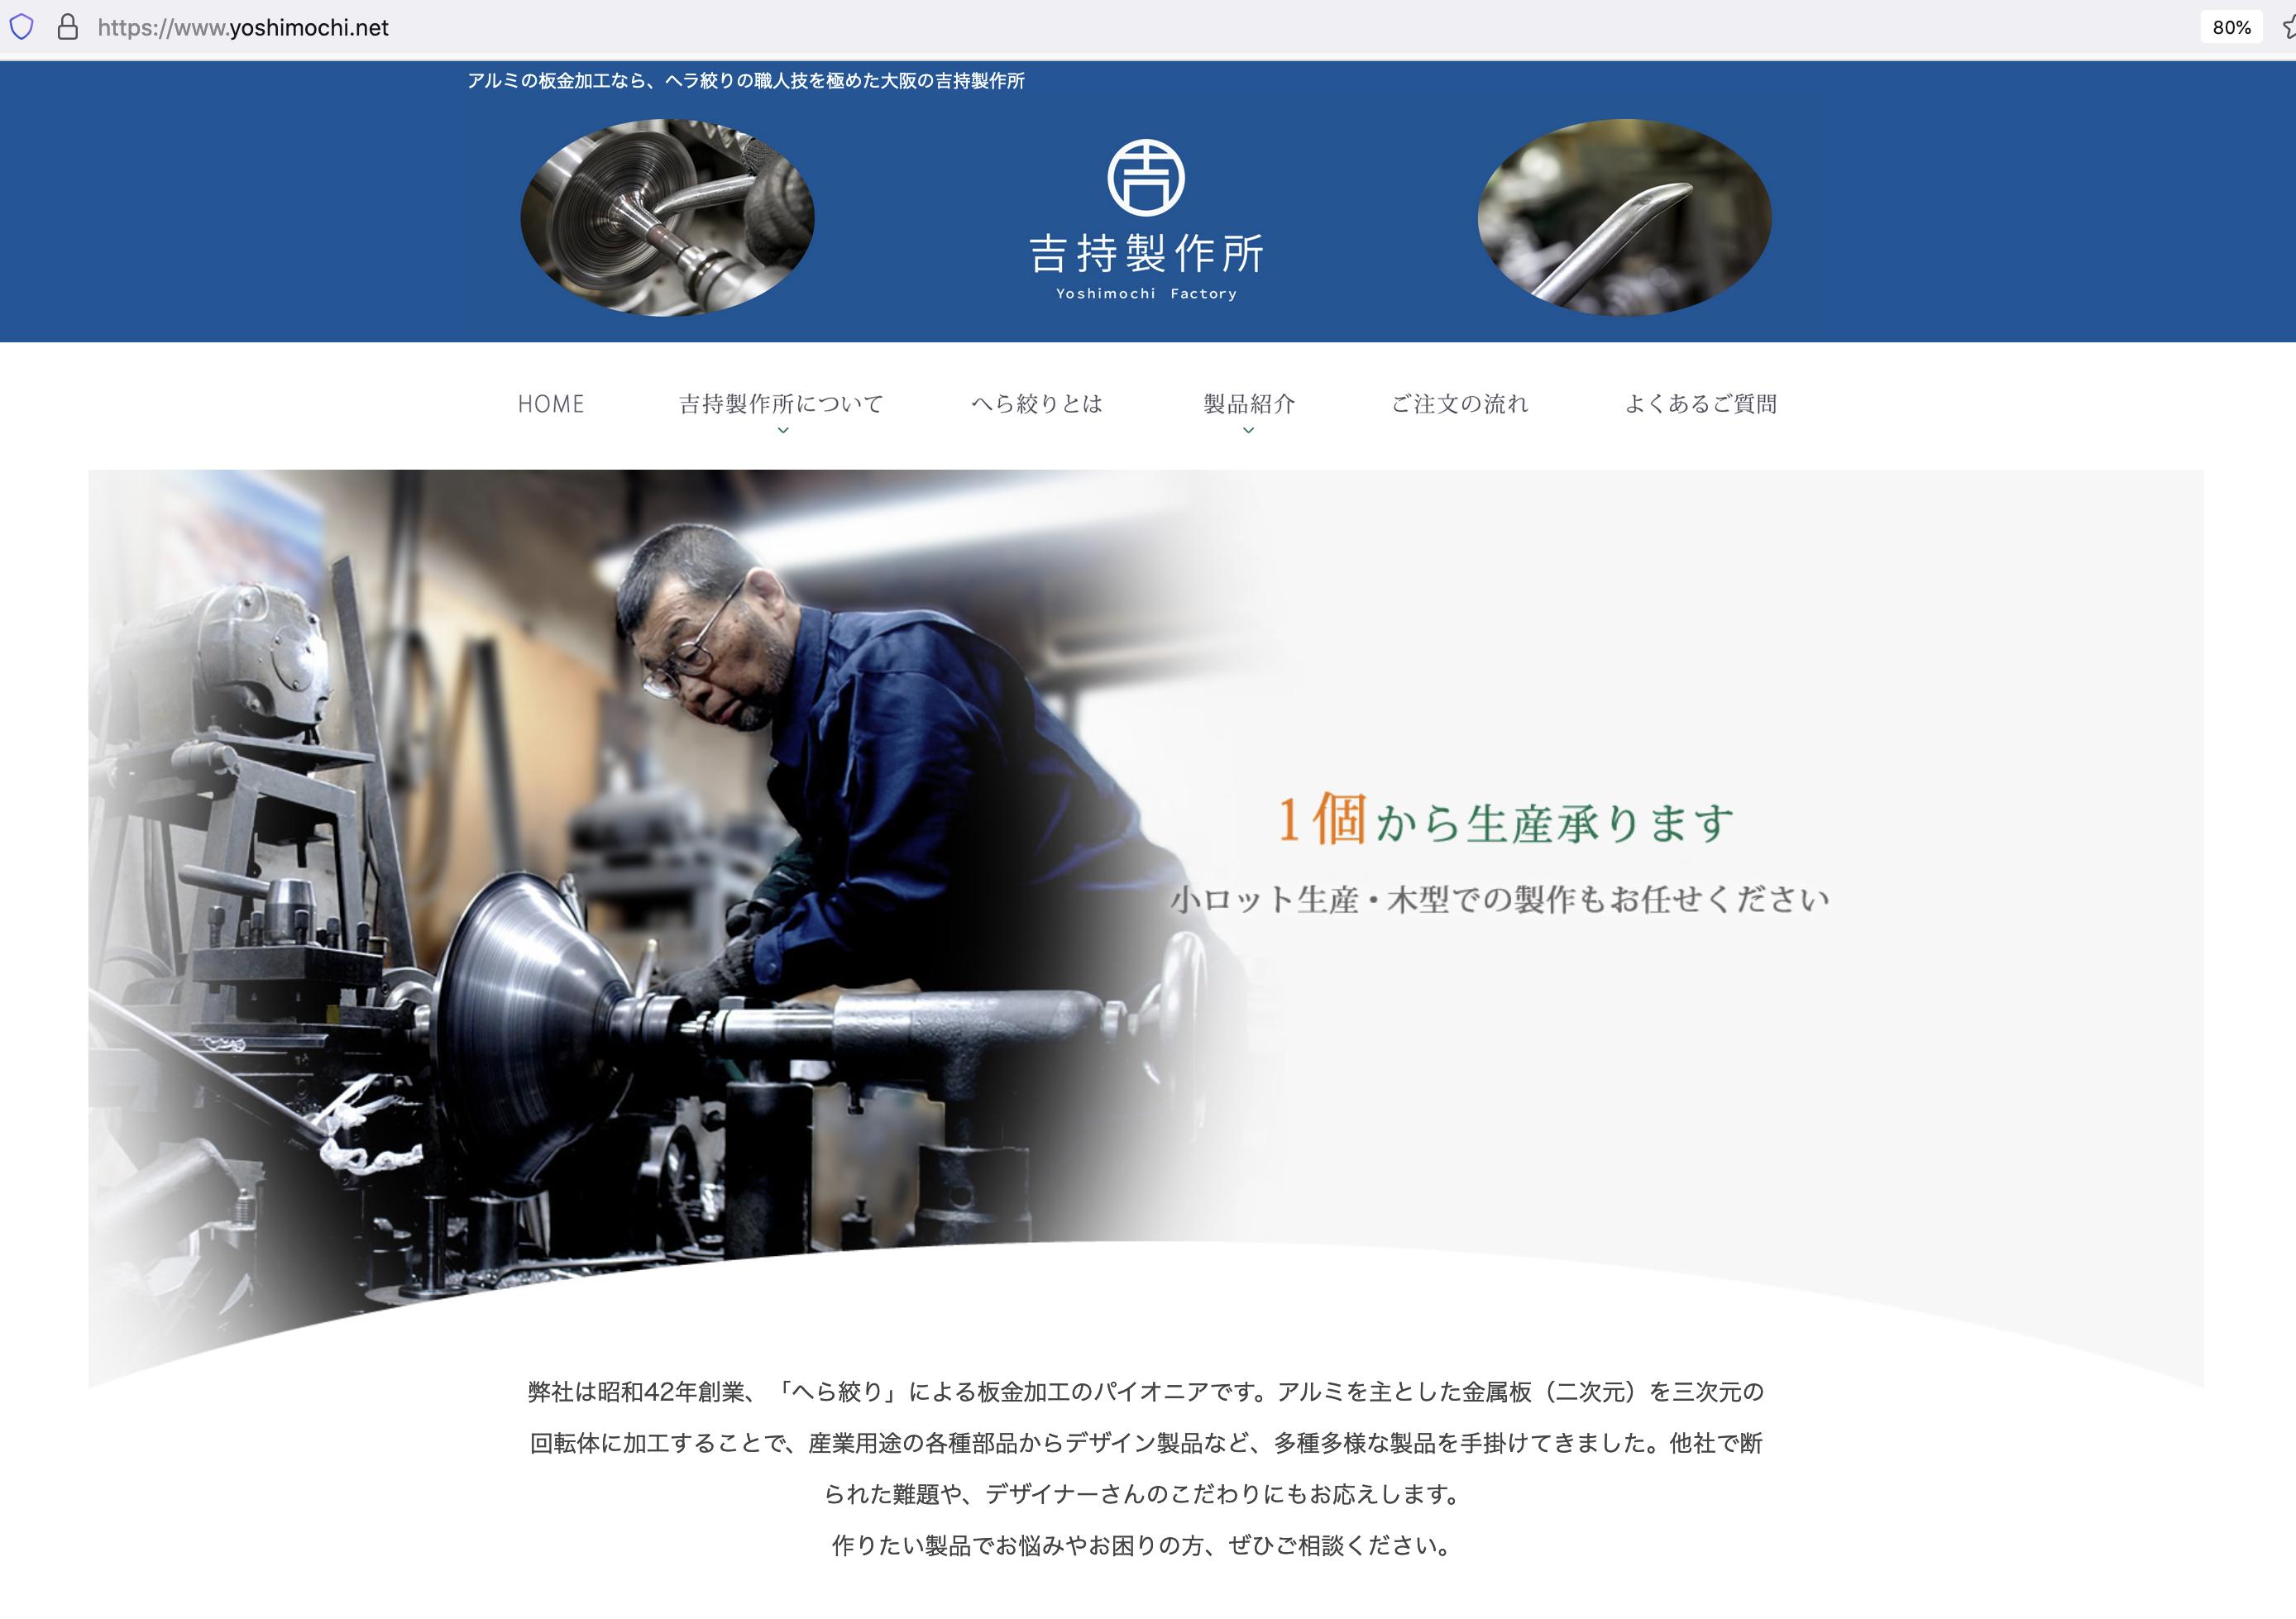 吉持製作所ホームページ